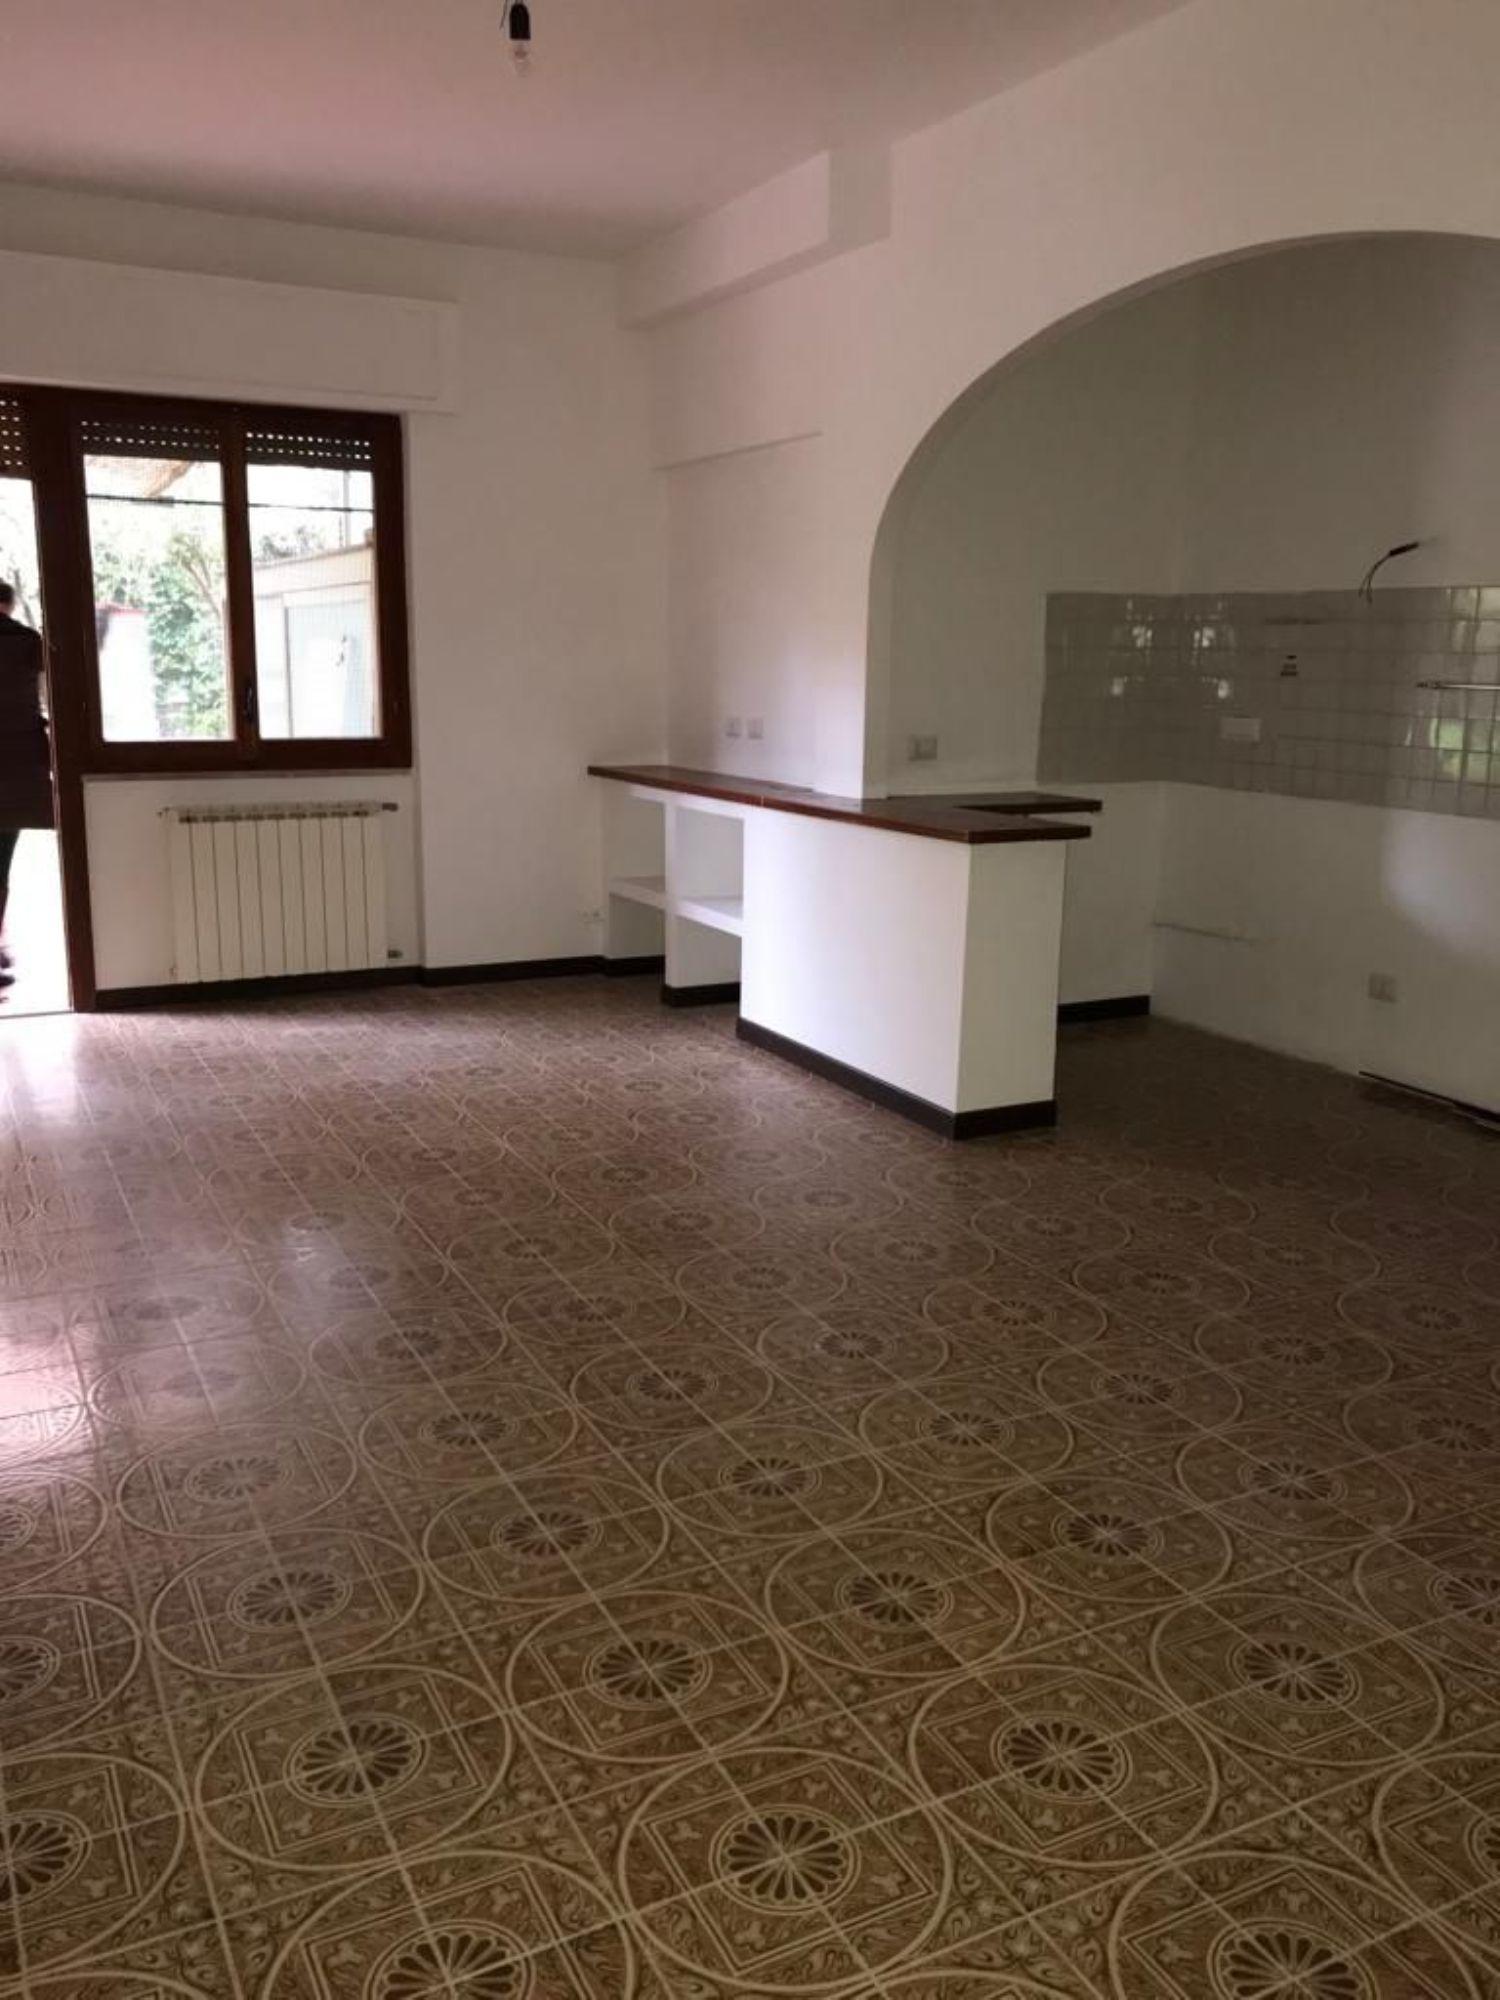 Appartamento in vendita a Nettuno, 5 locali, prezzo € 220.000 | CambioCasa.it